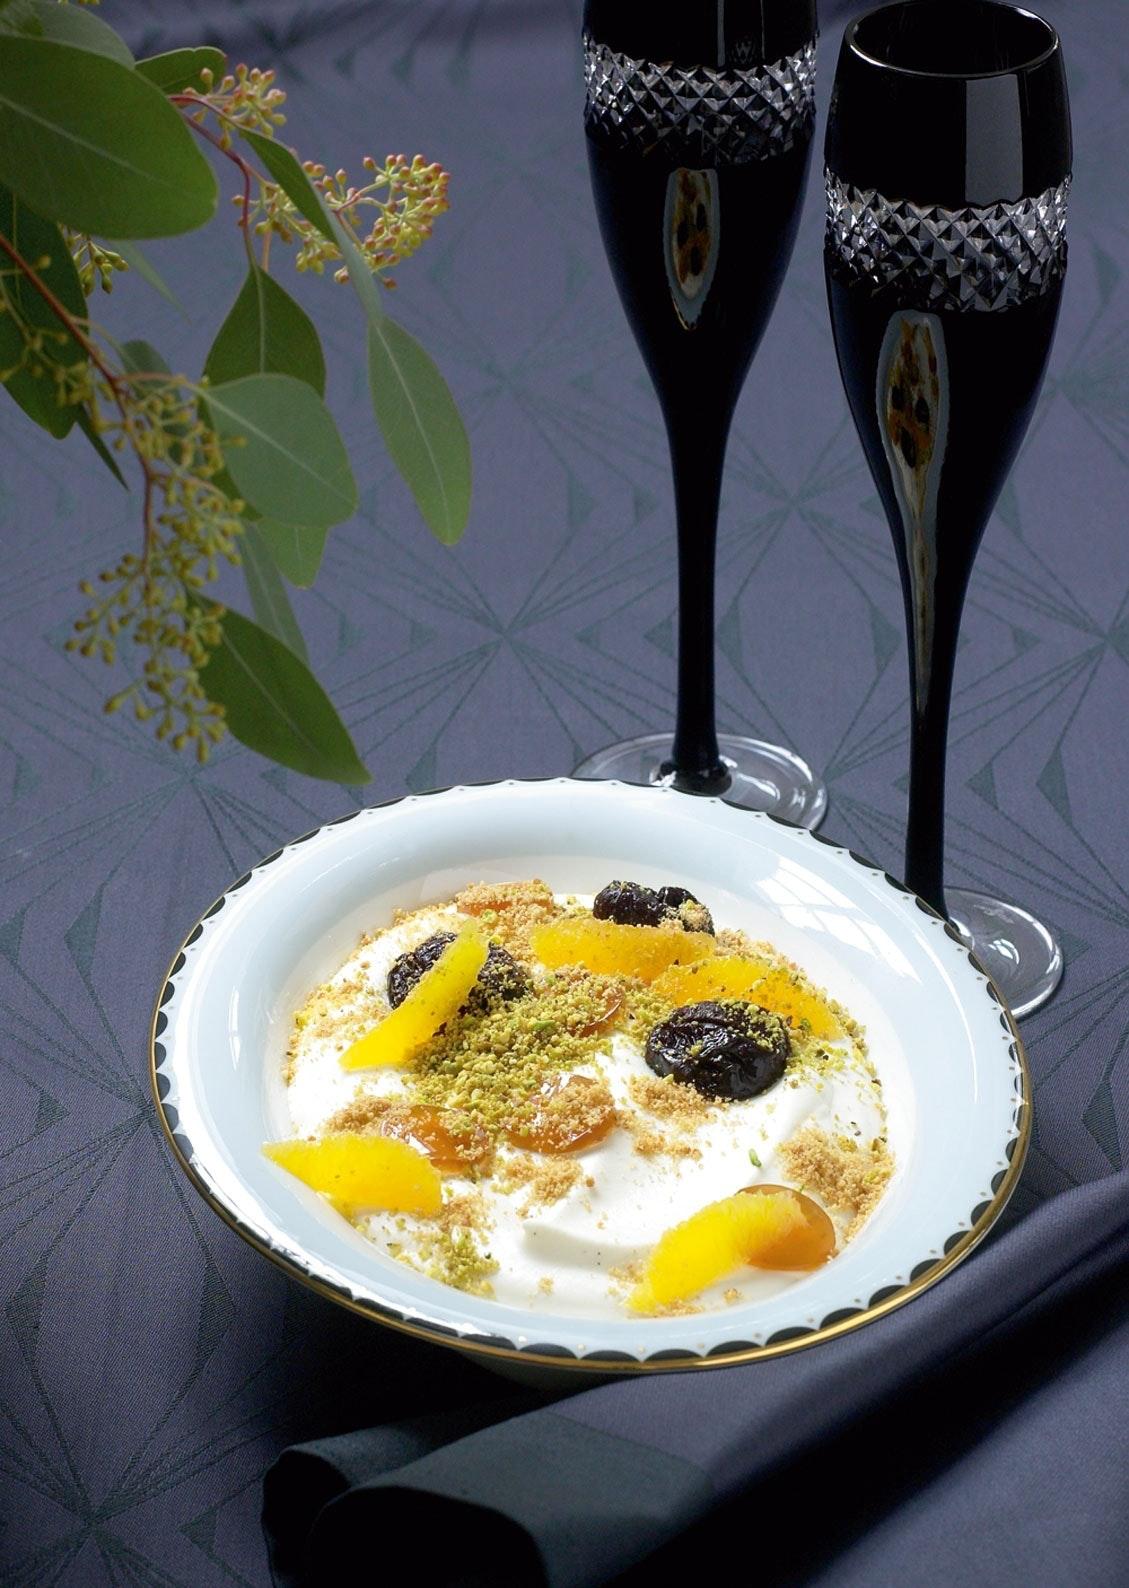 Sviskekake 08 – sviskegelé, vaniljefromasje, pistasj og appelsin